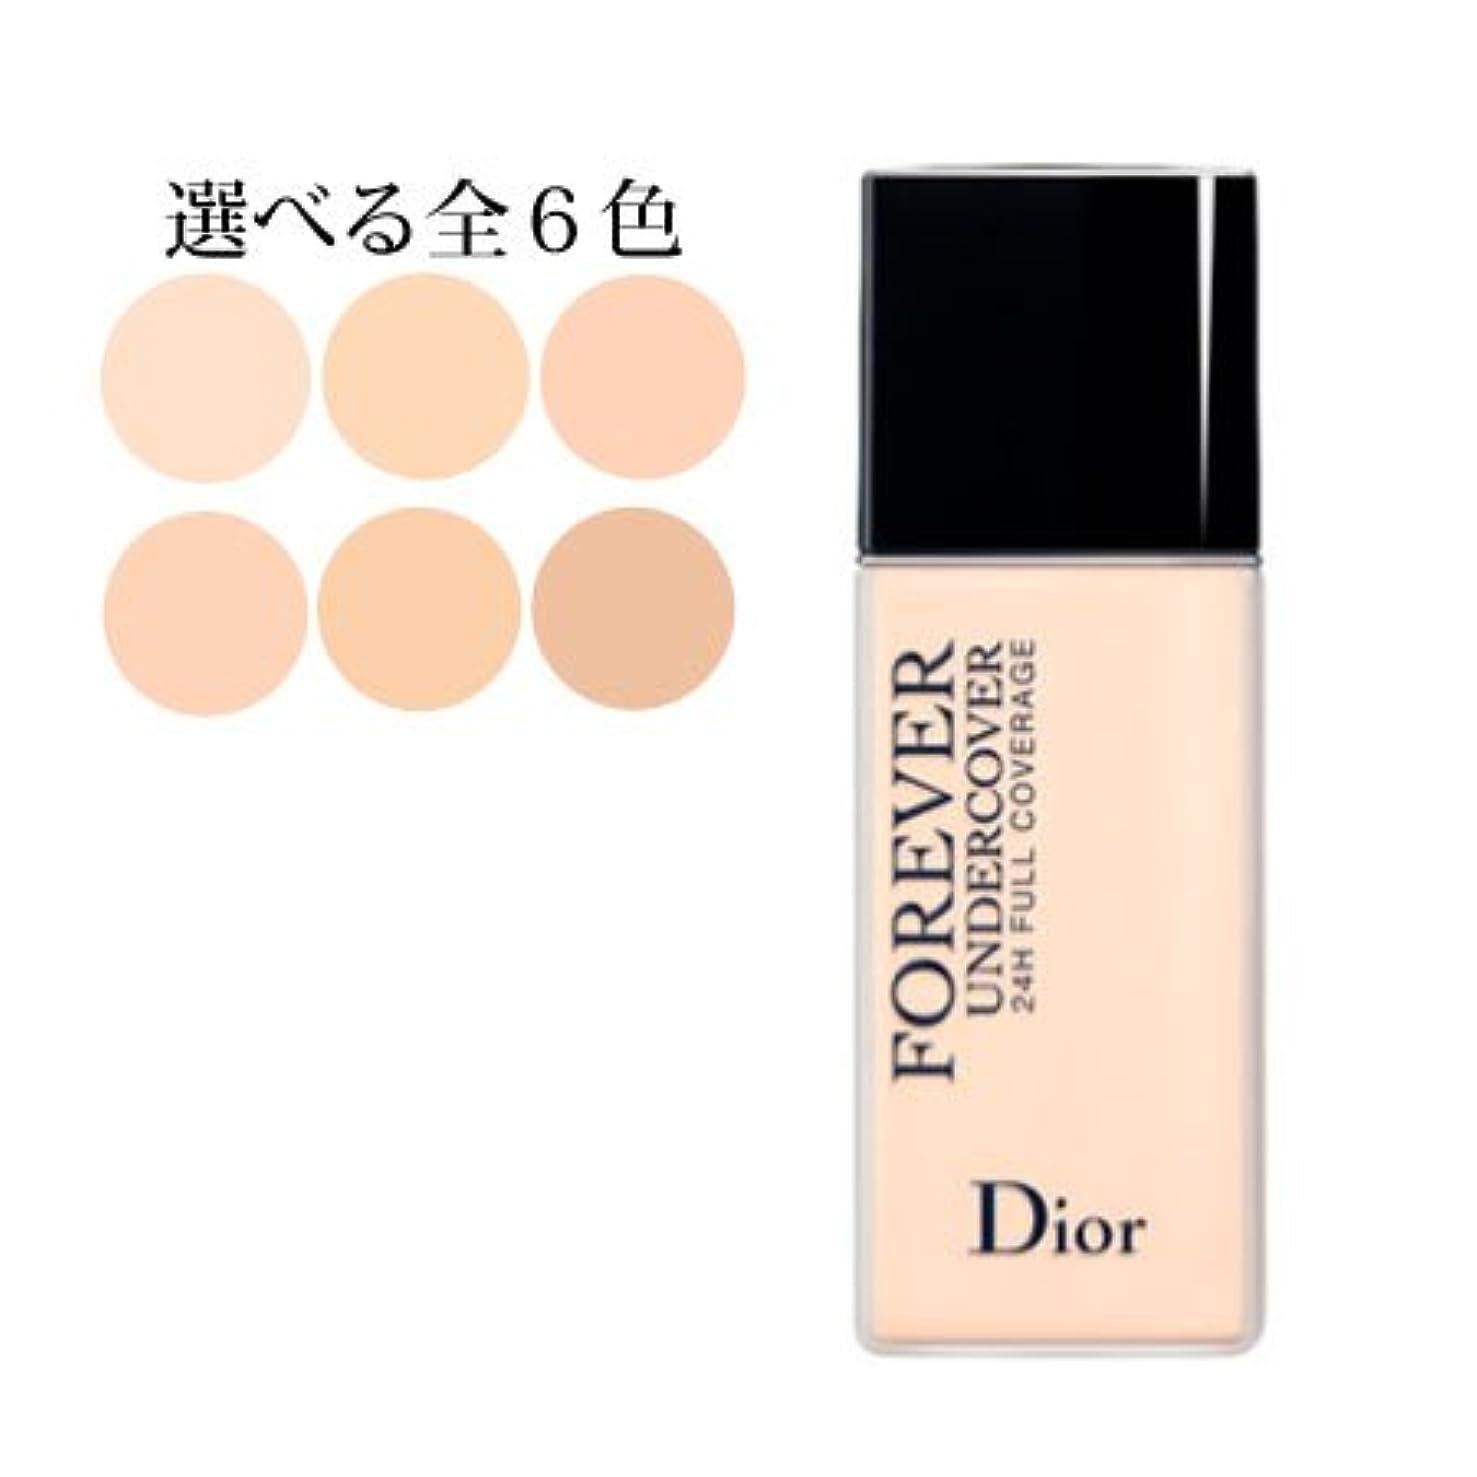 救い上下するアートディオールスキン フォーエヴァー アンダーカバー 選べる6色 -Dior- 030